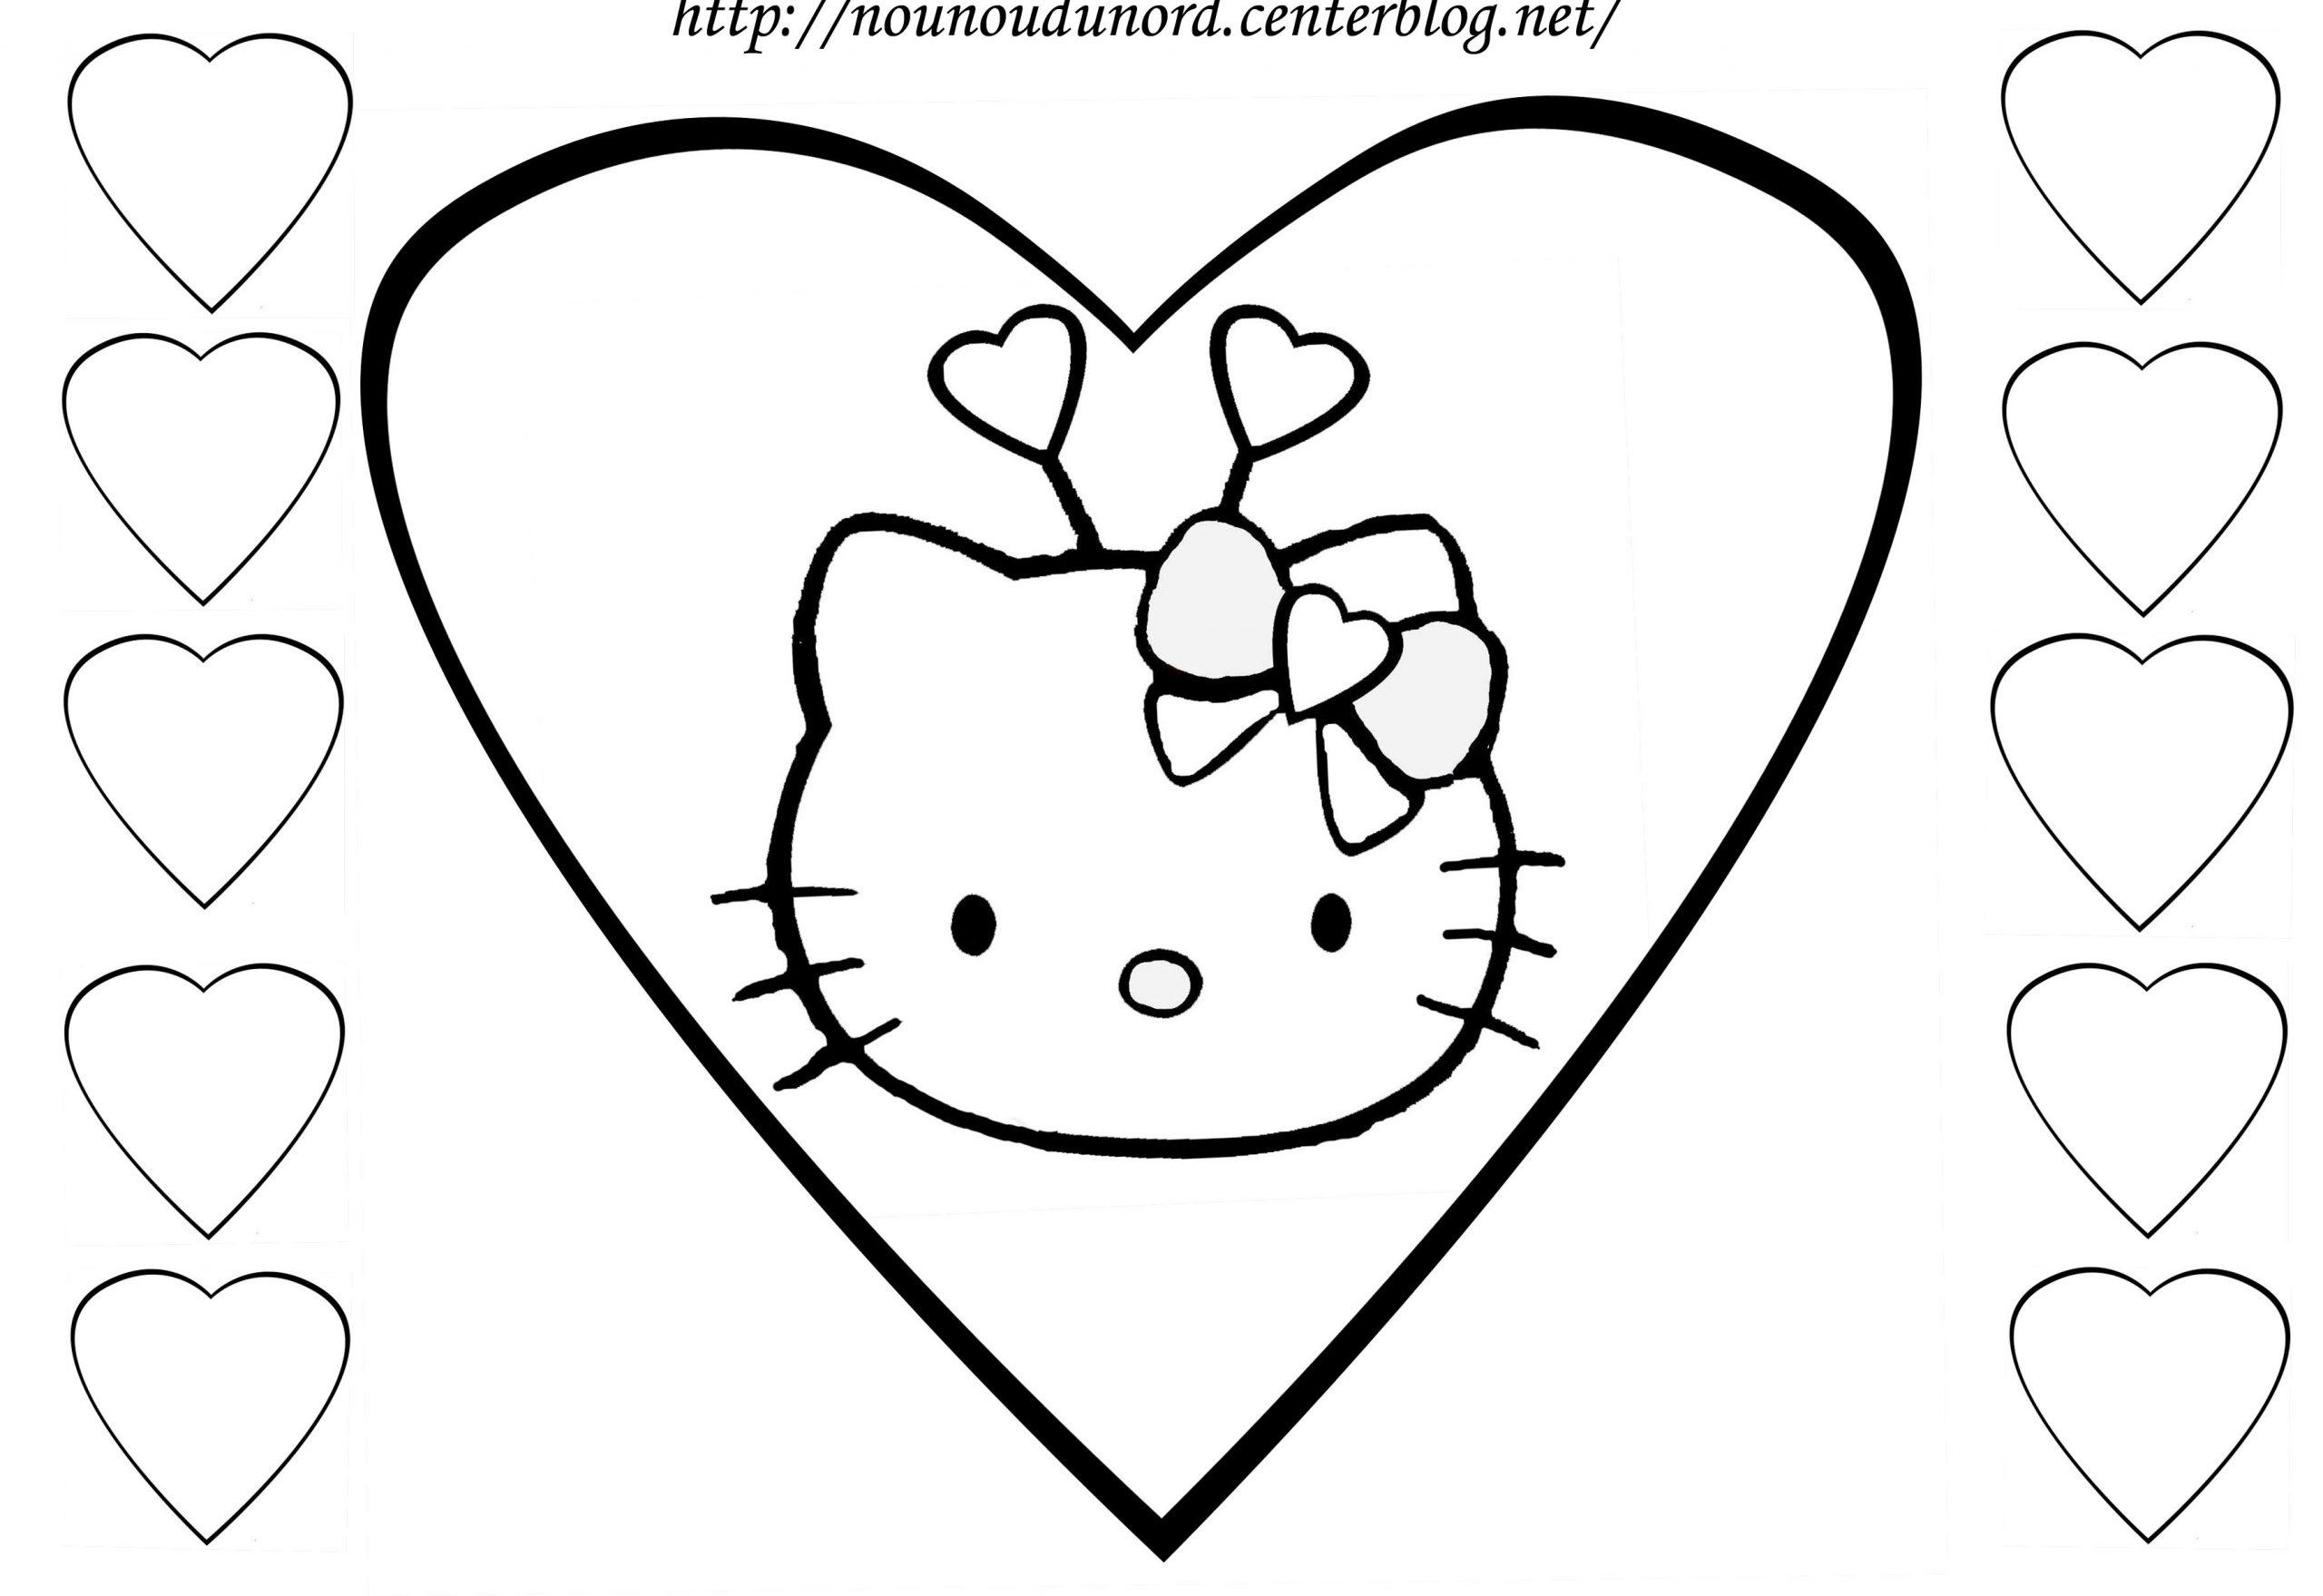 Dessins Gratuits À Colorier - Coloriage Hello Kitty intérieur Faire Coloriage Gratuit Sur Ordinateur